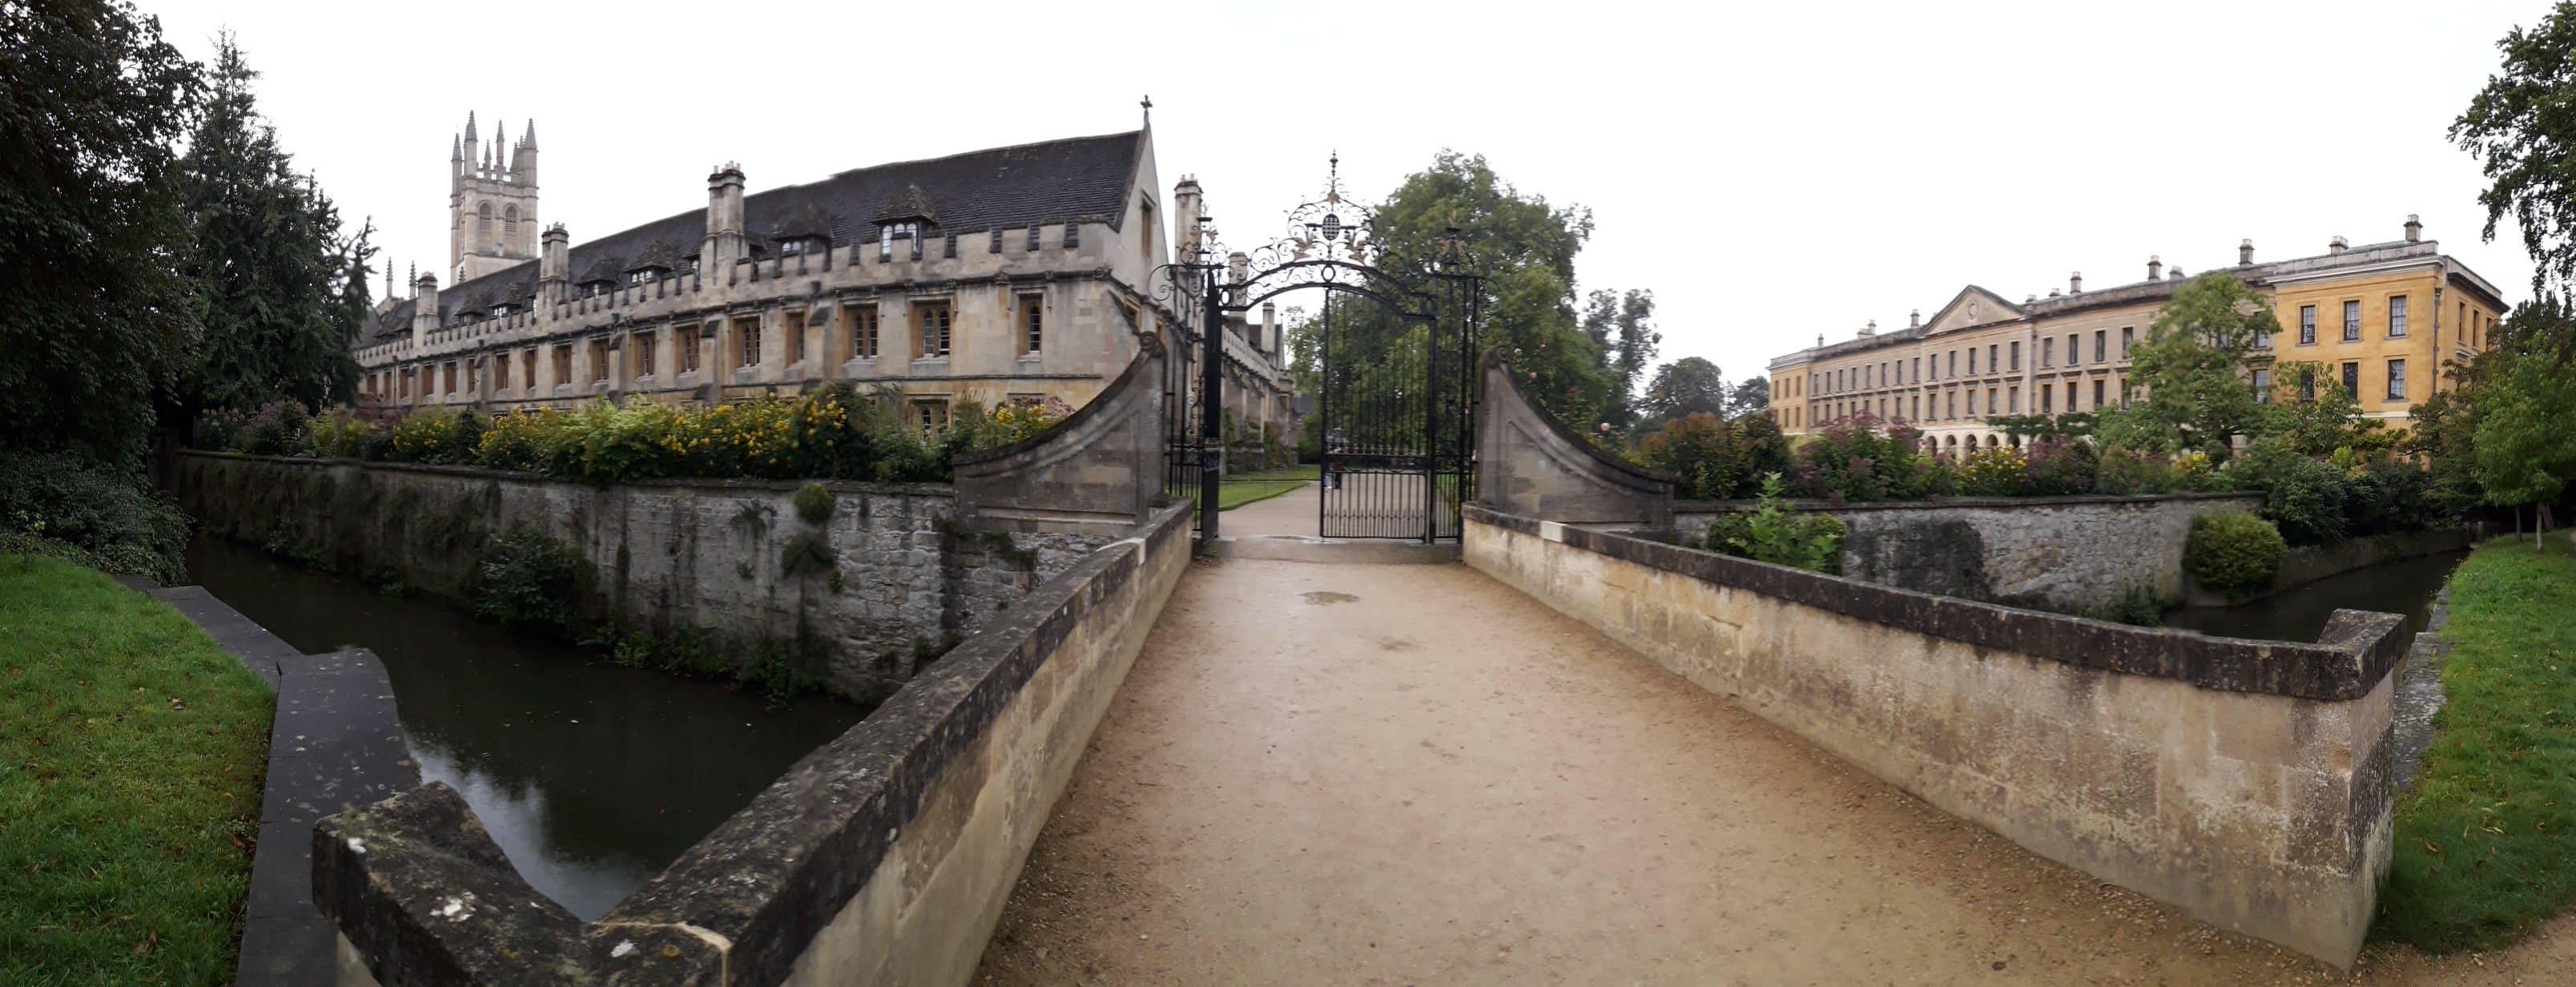 5 mejores cosas que ver en Oxford